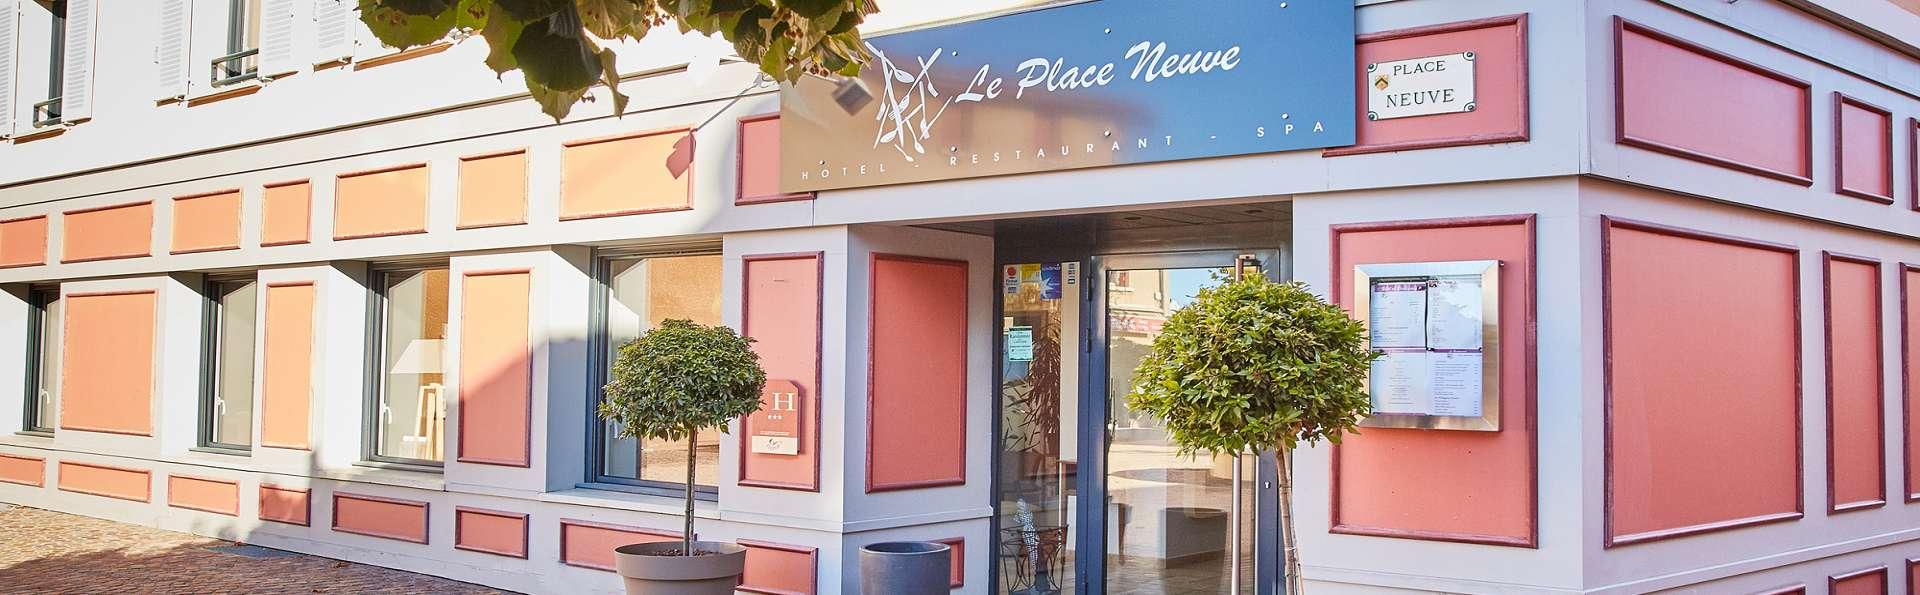 Le Place Neuve - 2018_-_La_Place_Neuve_00007.jpg